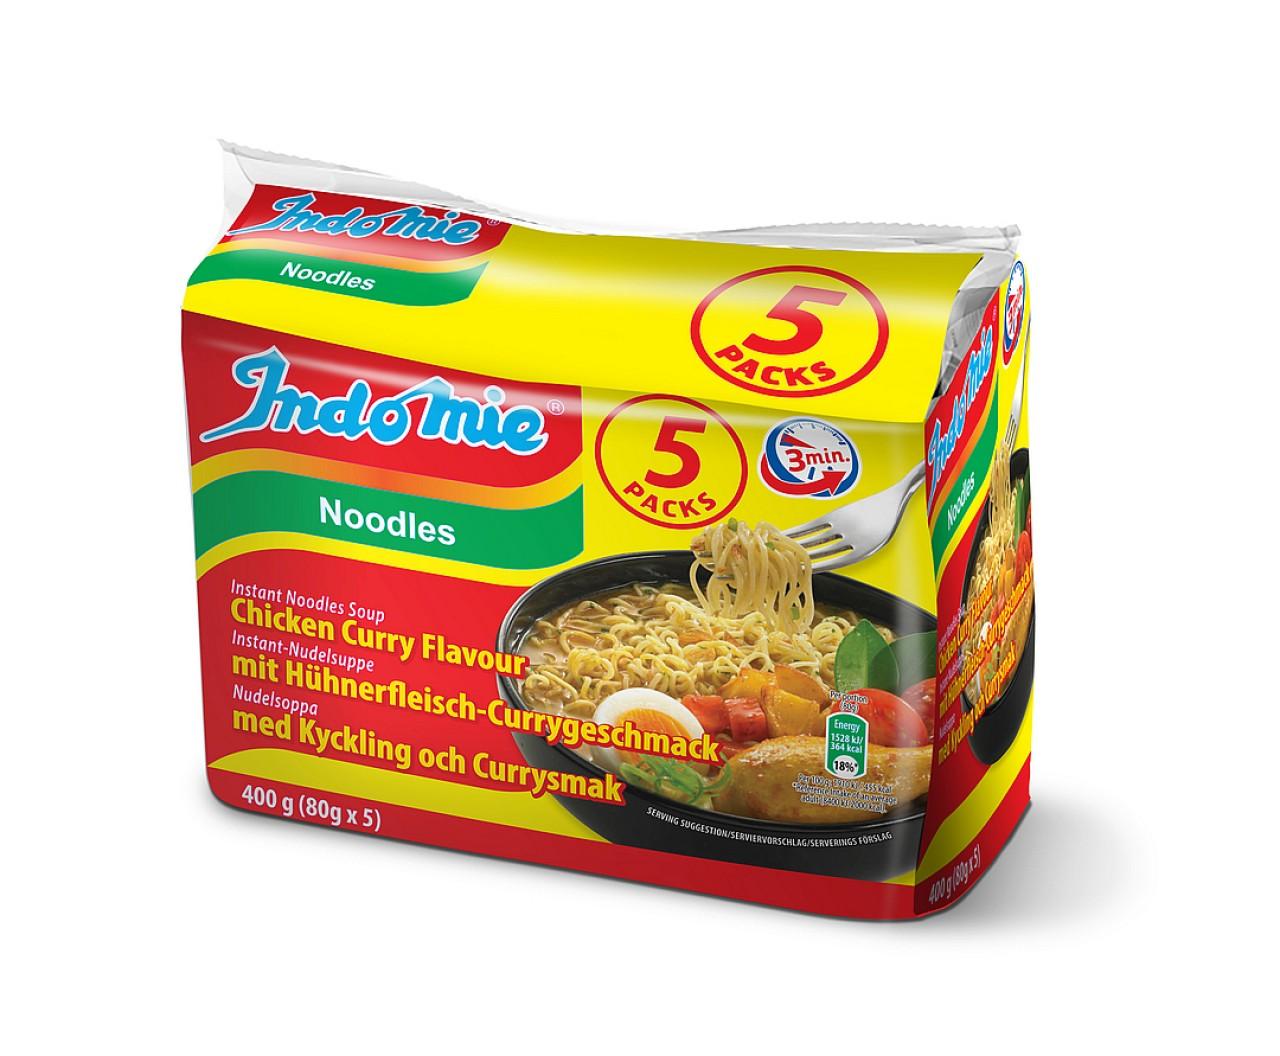 Indomie instant noodles soup Chicken-Curry flavour